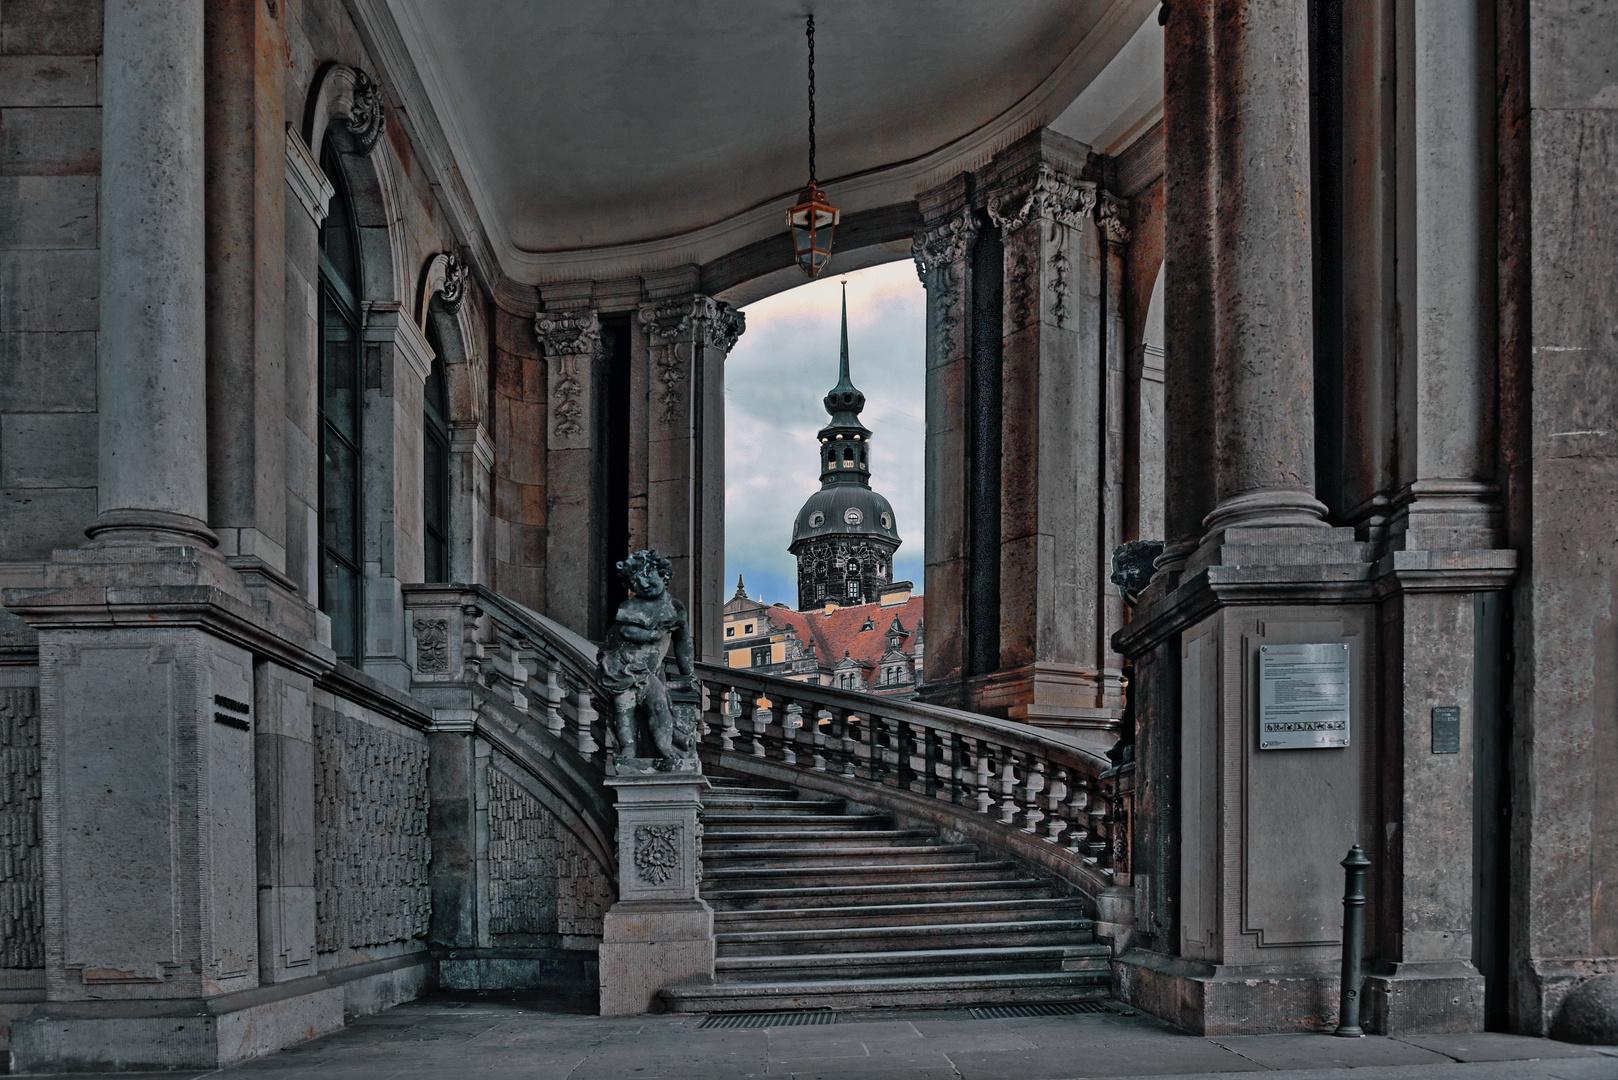 Dresden zwinger barocke architektur foto bild world altstadt barock bilder auf - Dresden architektur ...